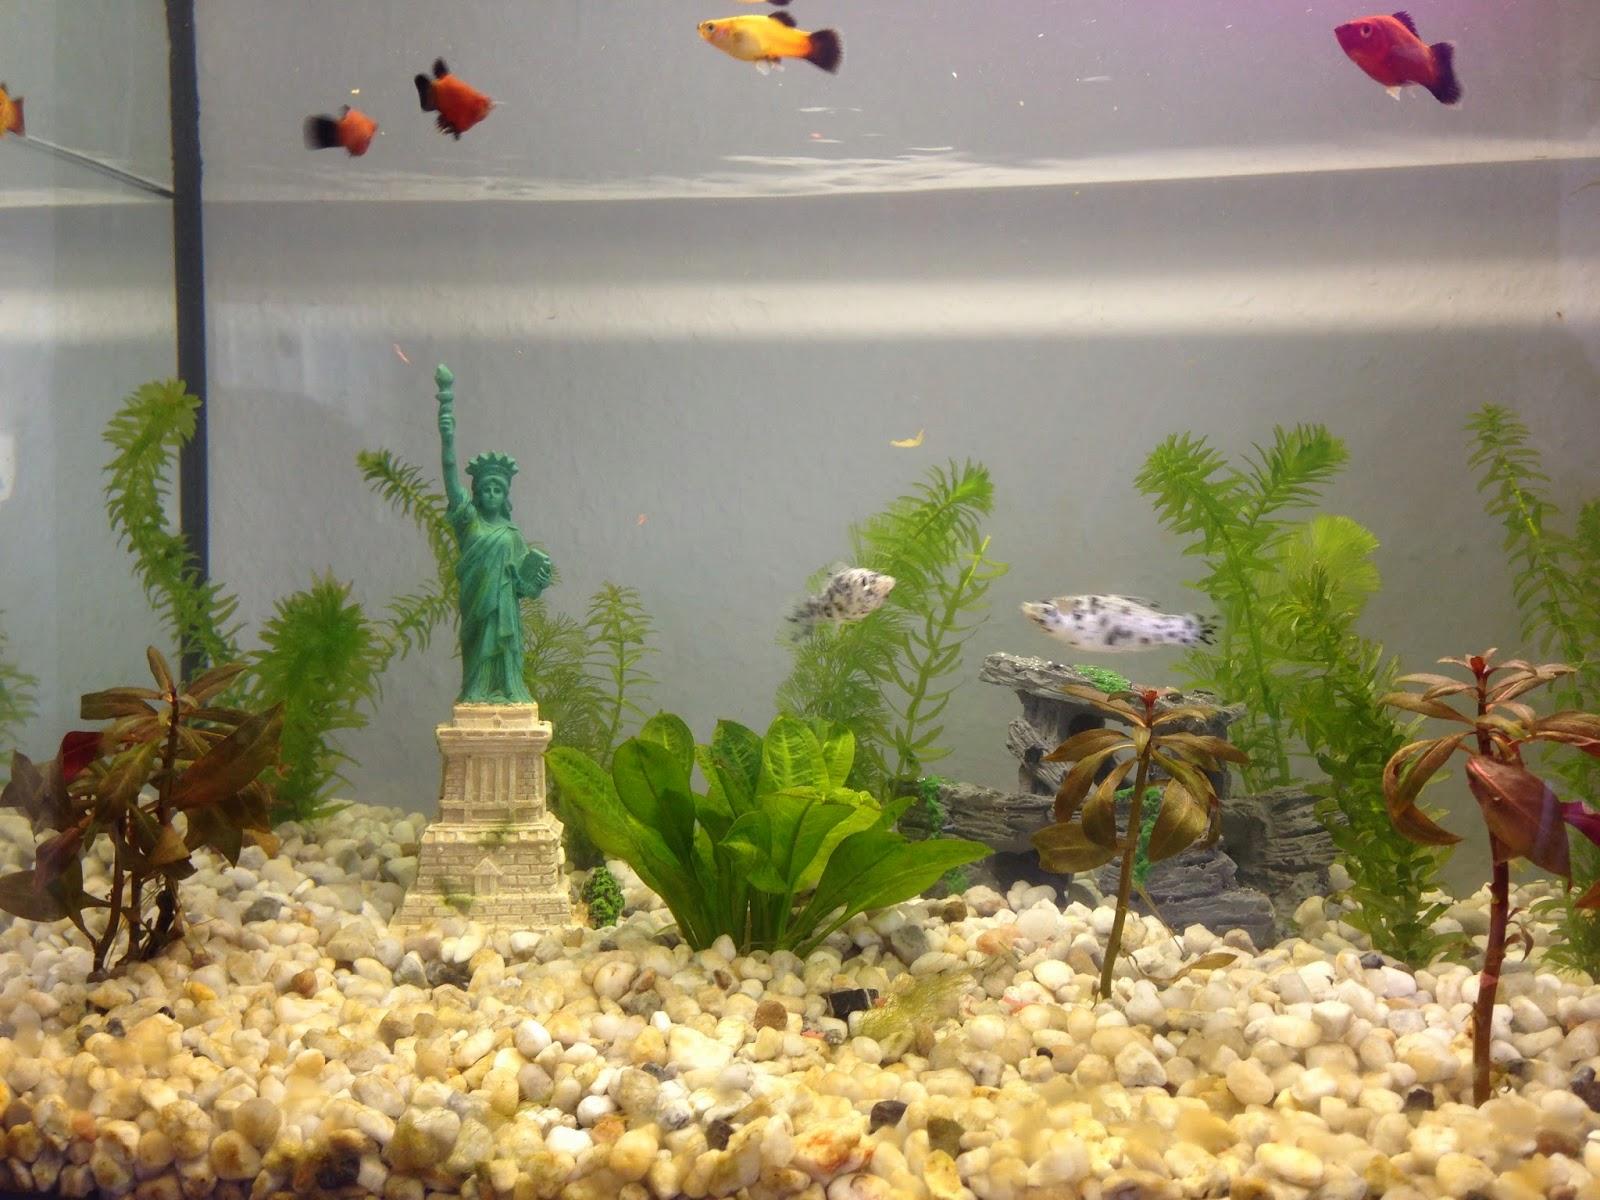 Fische im Aquarium.